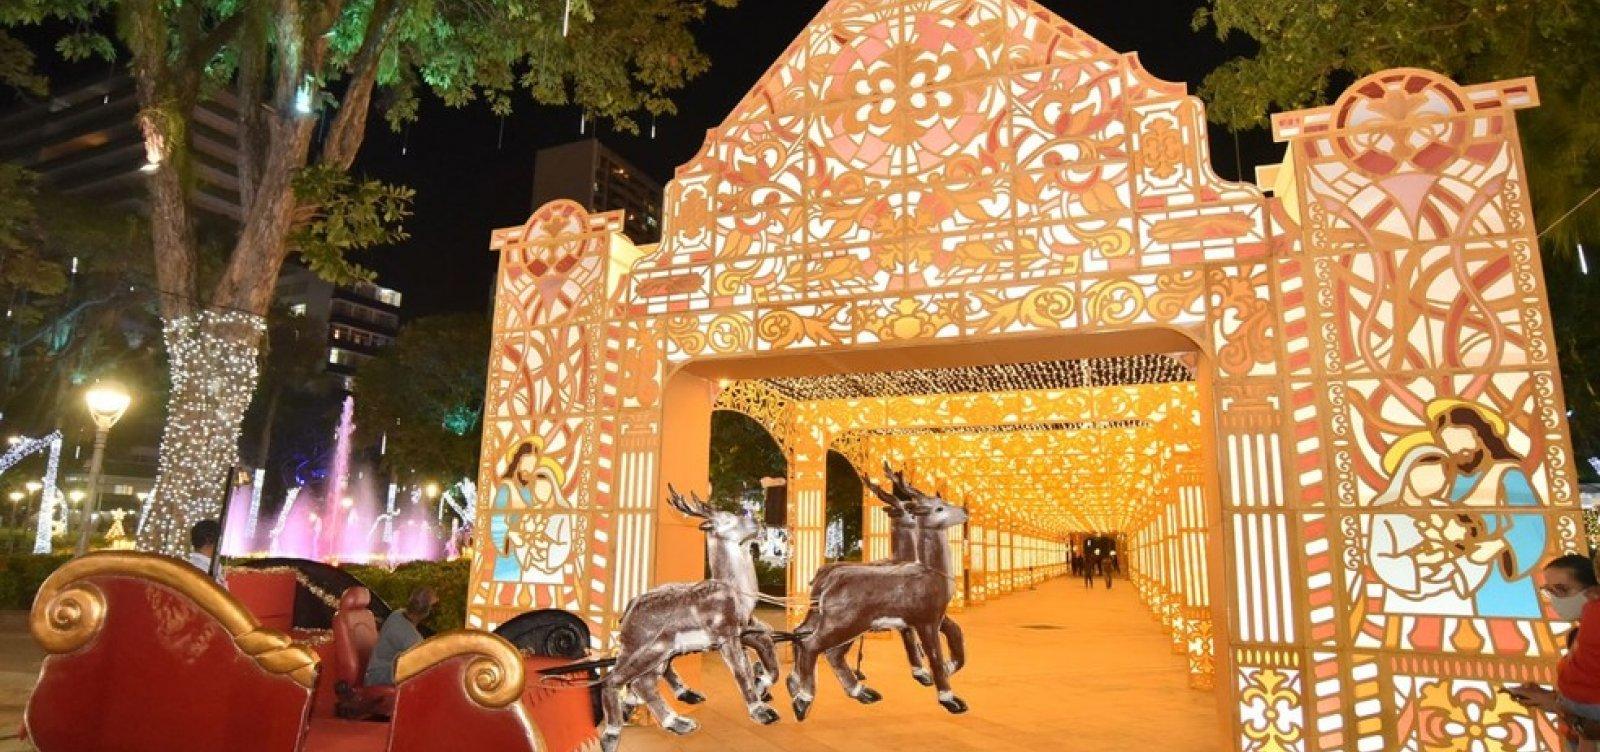 Salvador: Decoração de natal no Campo Grande só poderá ser visitado através de agendamento